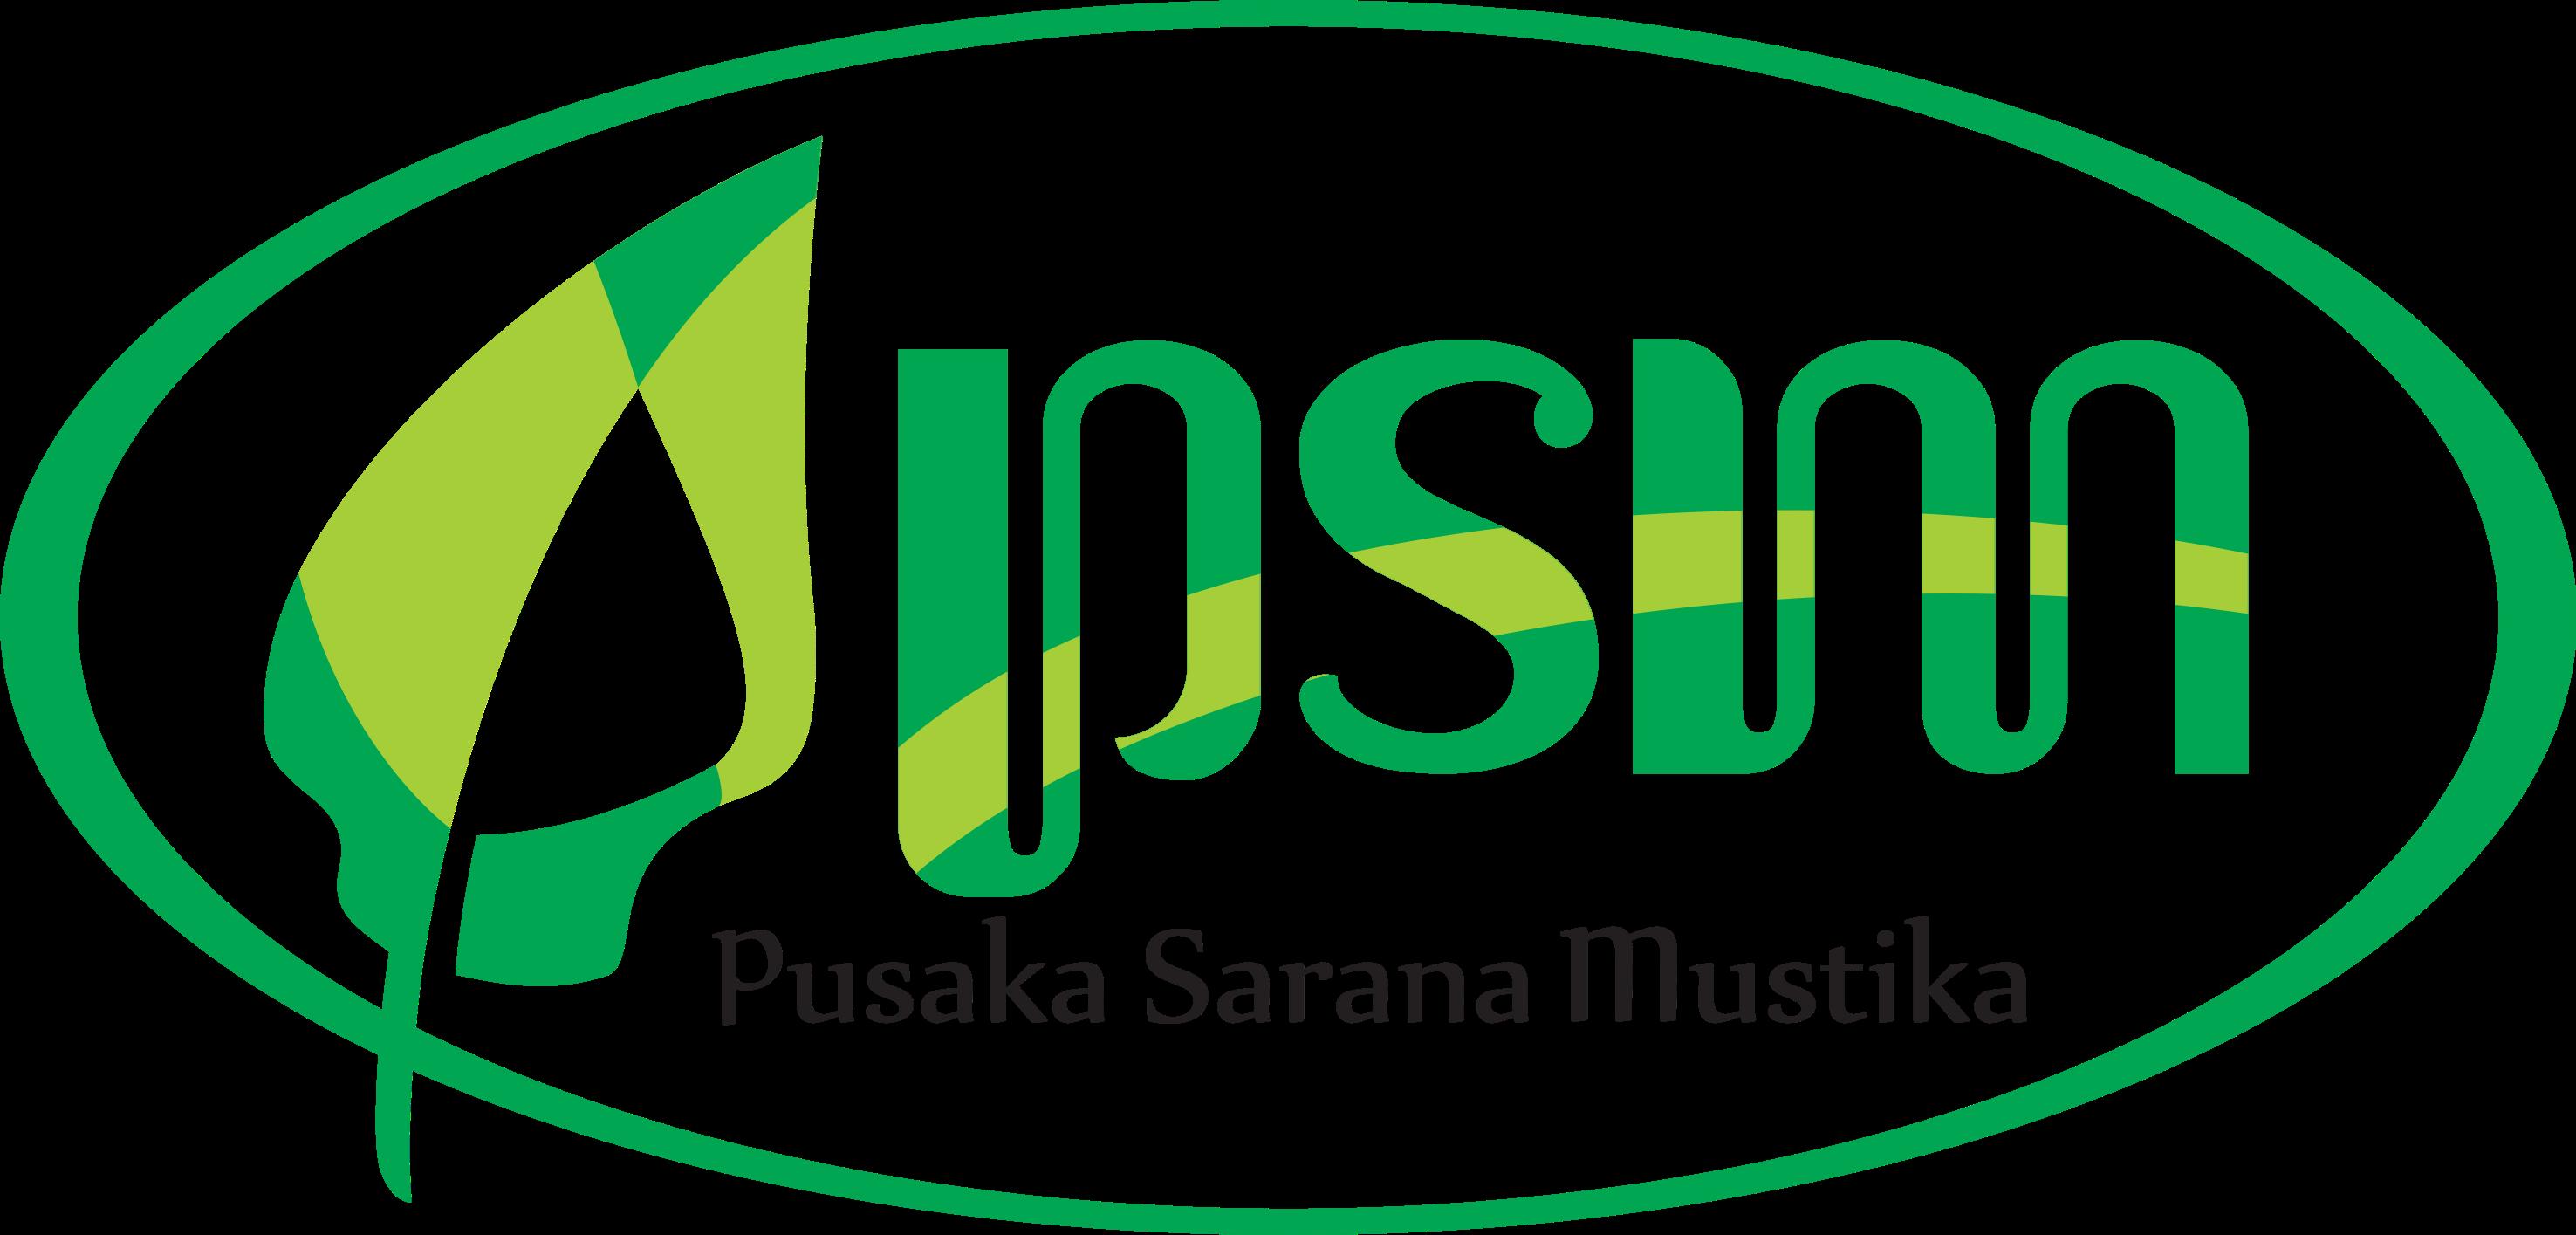 Logo CV. Pusaka Sarana Mustika